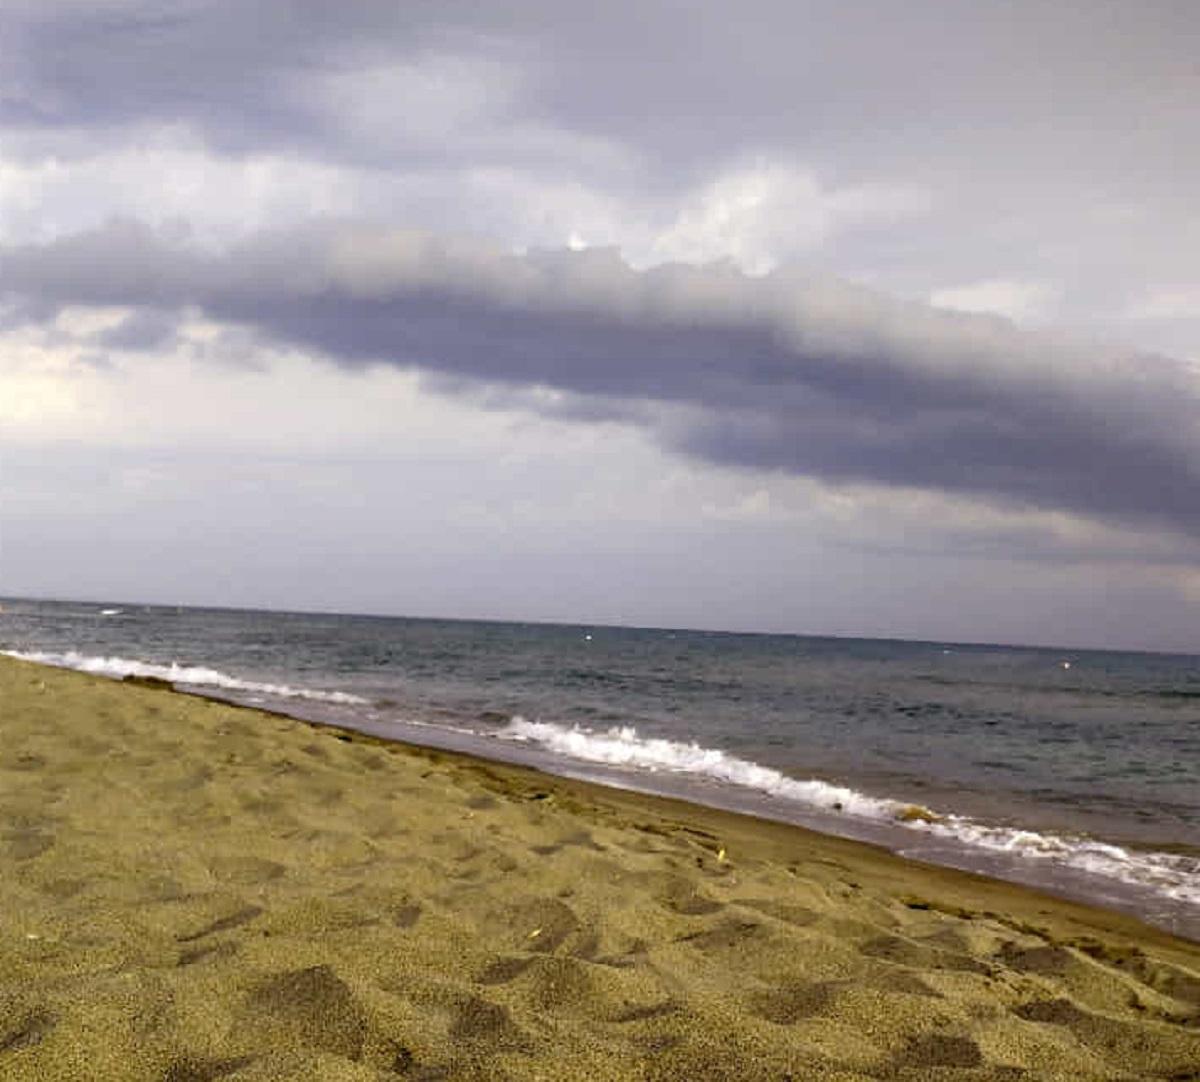 Meteo Italia previsioni 17 agosto temporali cambiamento